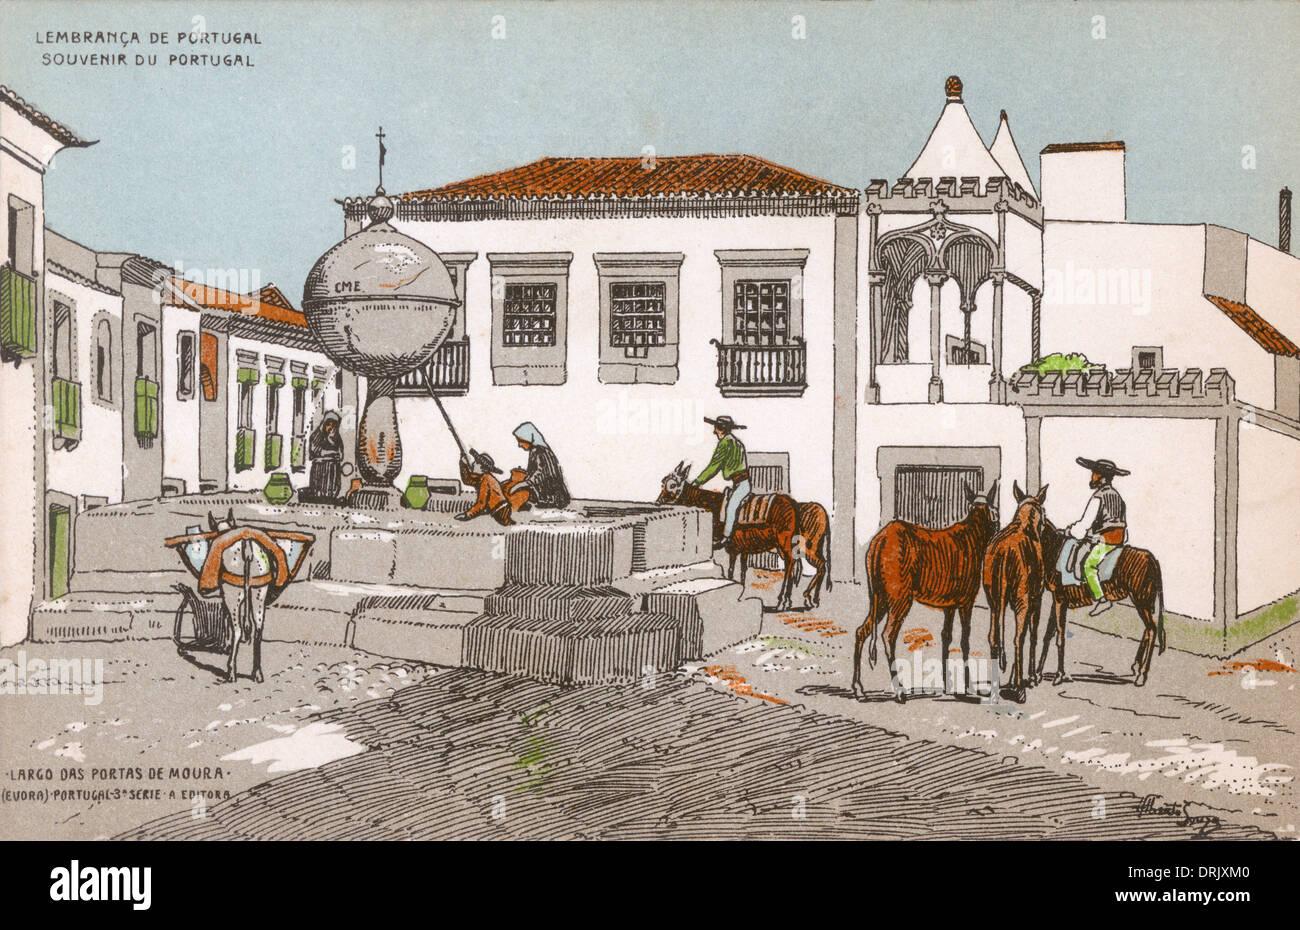 Largo das Portas de Moura, Evora, Portugal - Stock Image